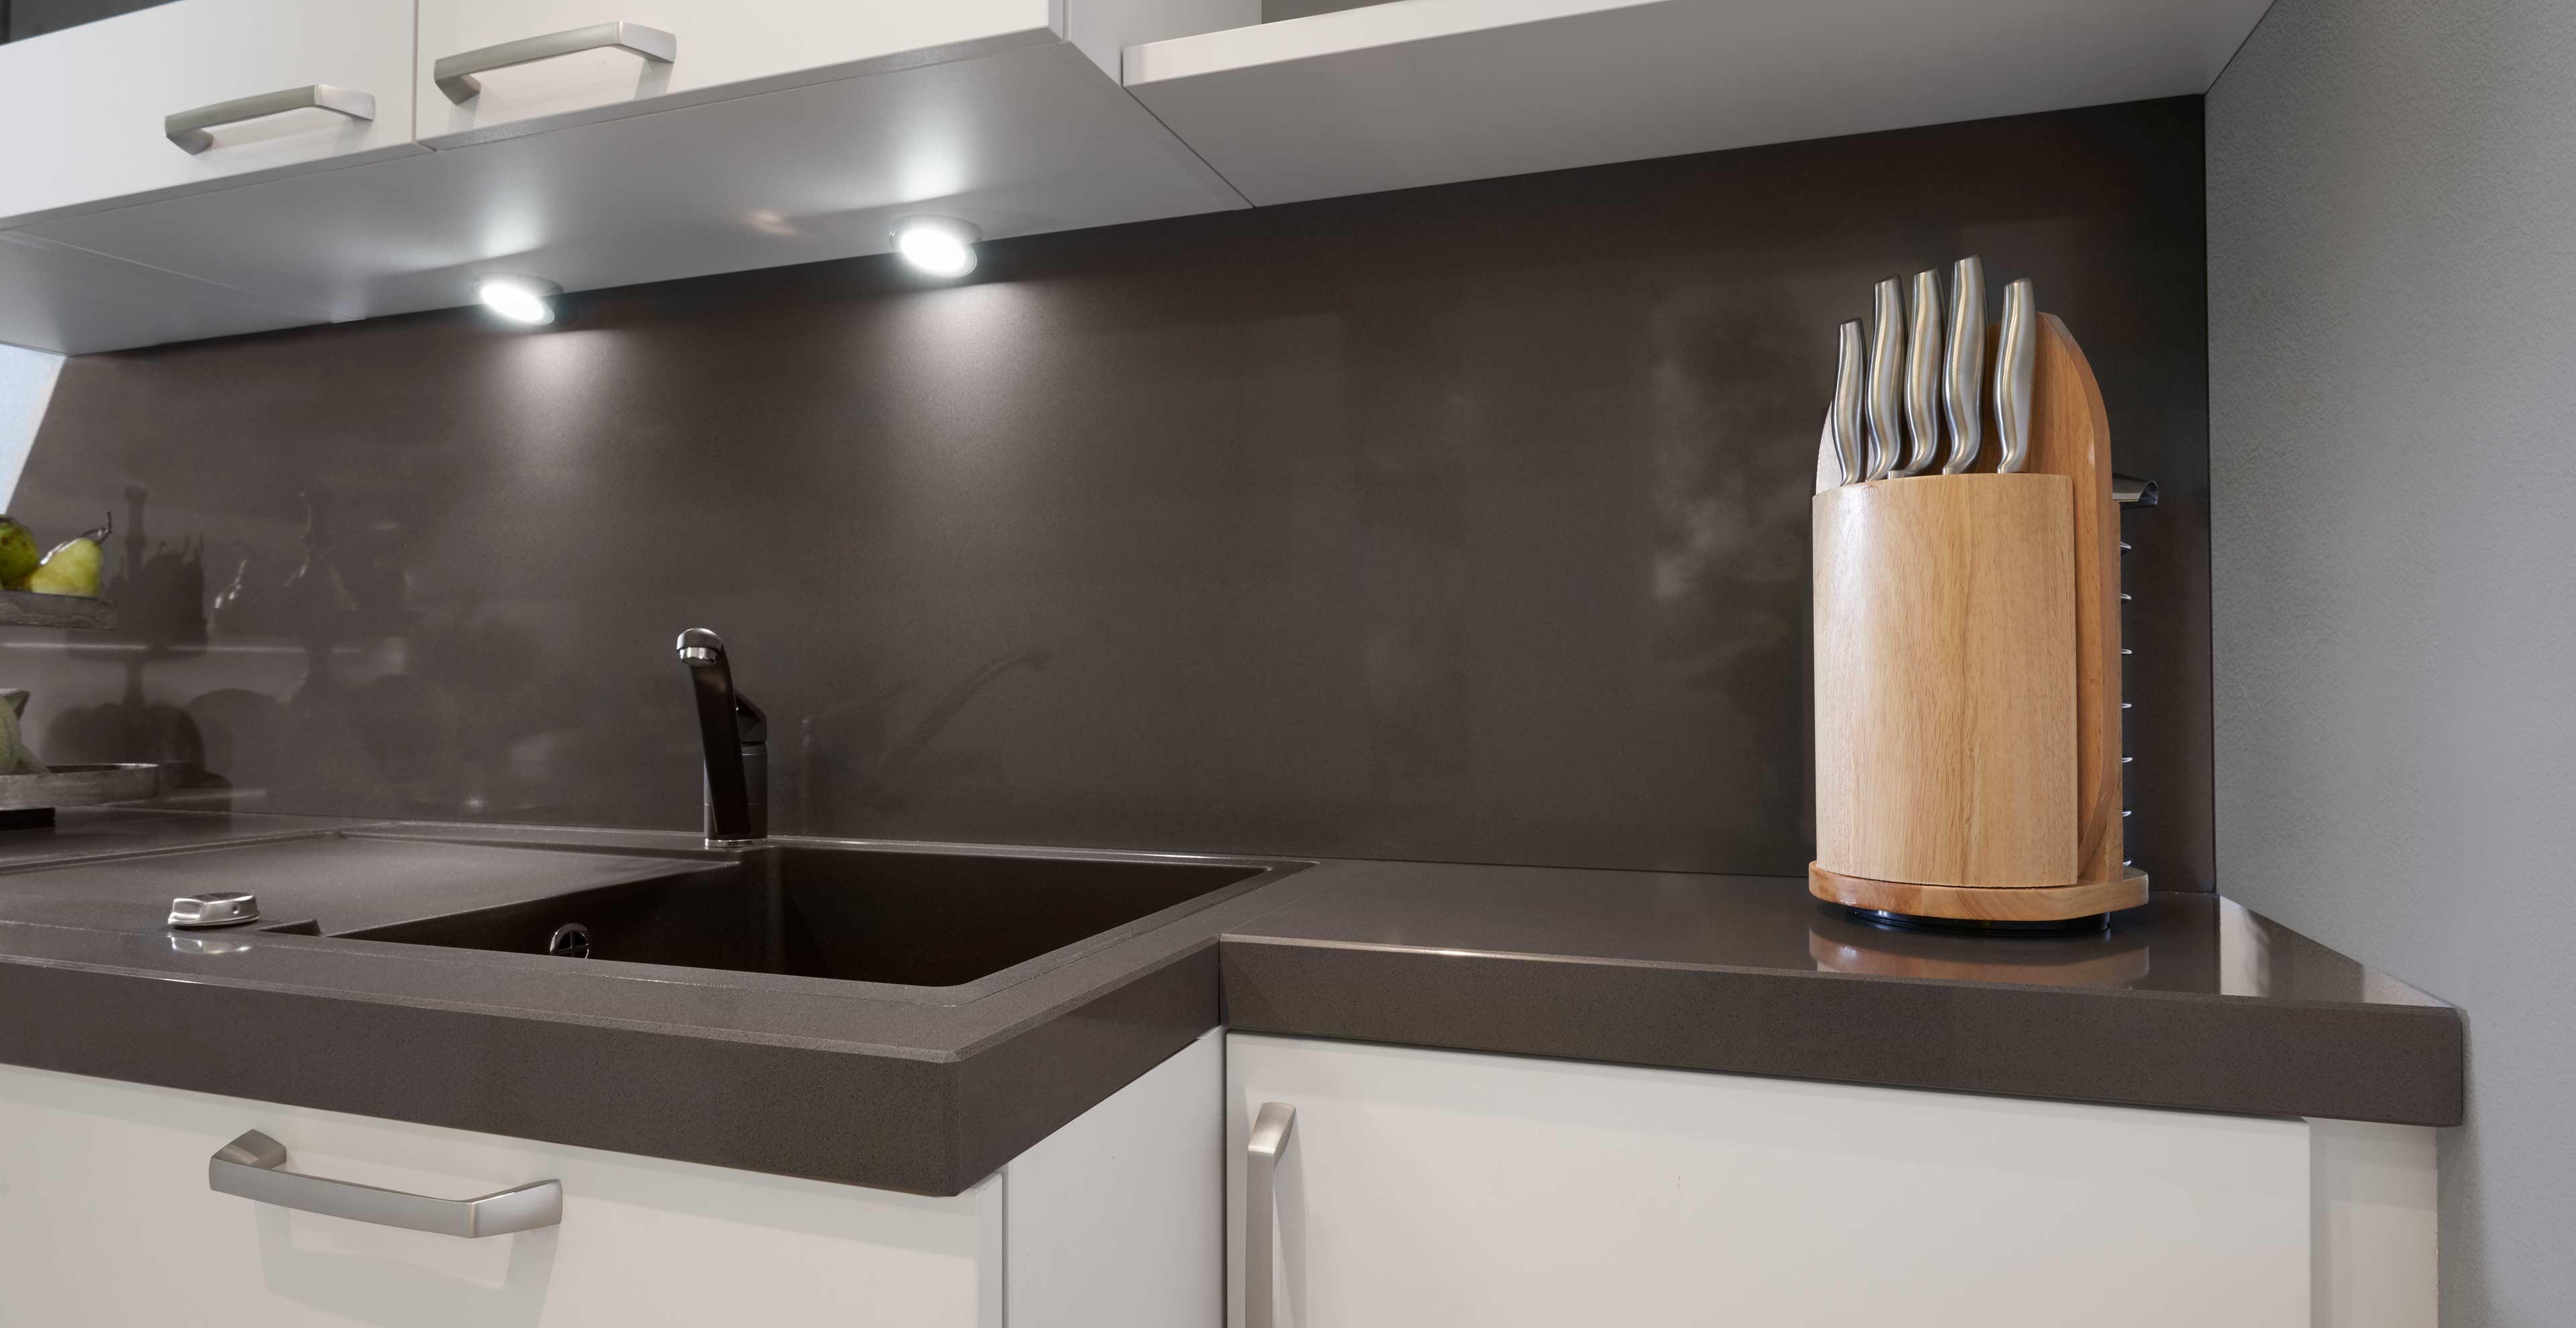 Nischenpaneel aus Granit - Marquardt Küchen